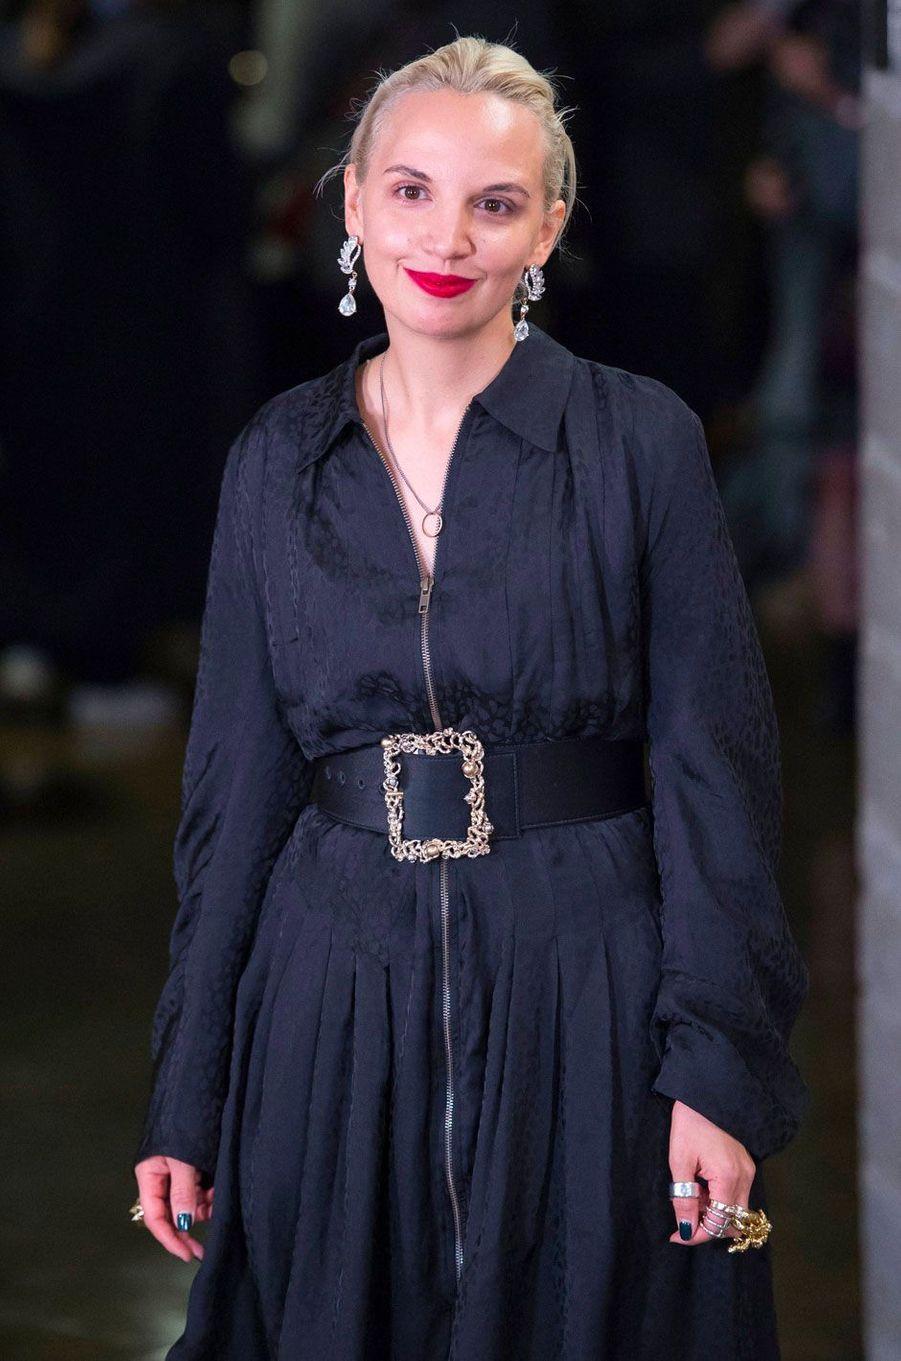 Christelle Kocher après le défilé Koché printemps-été 2019